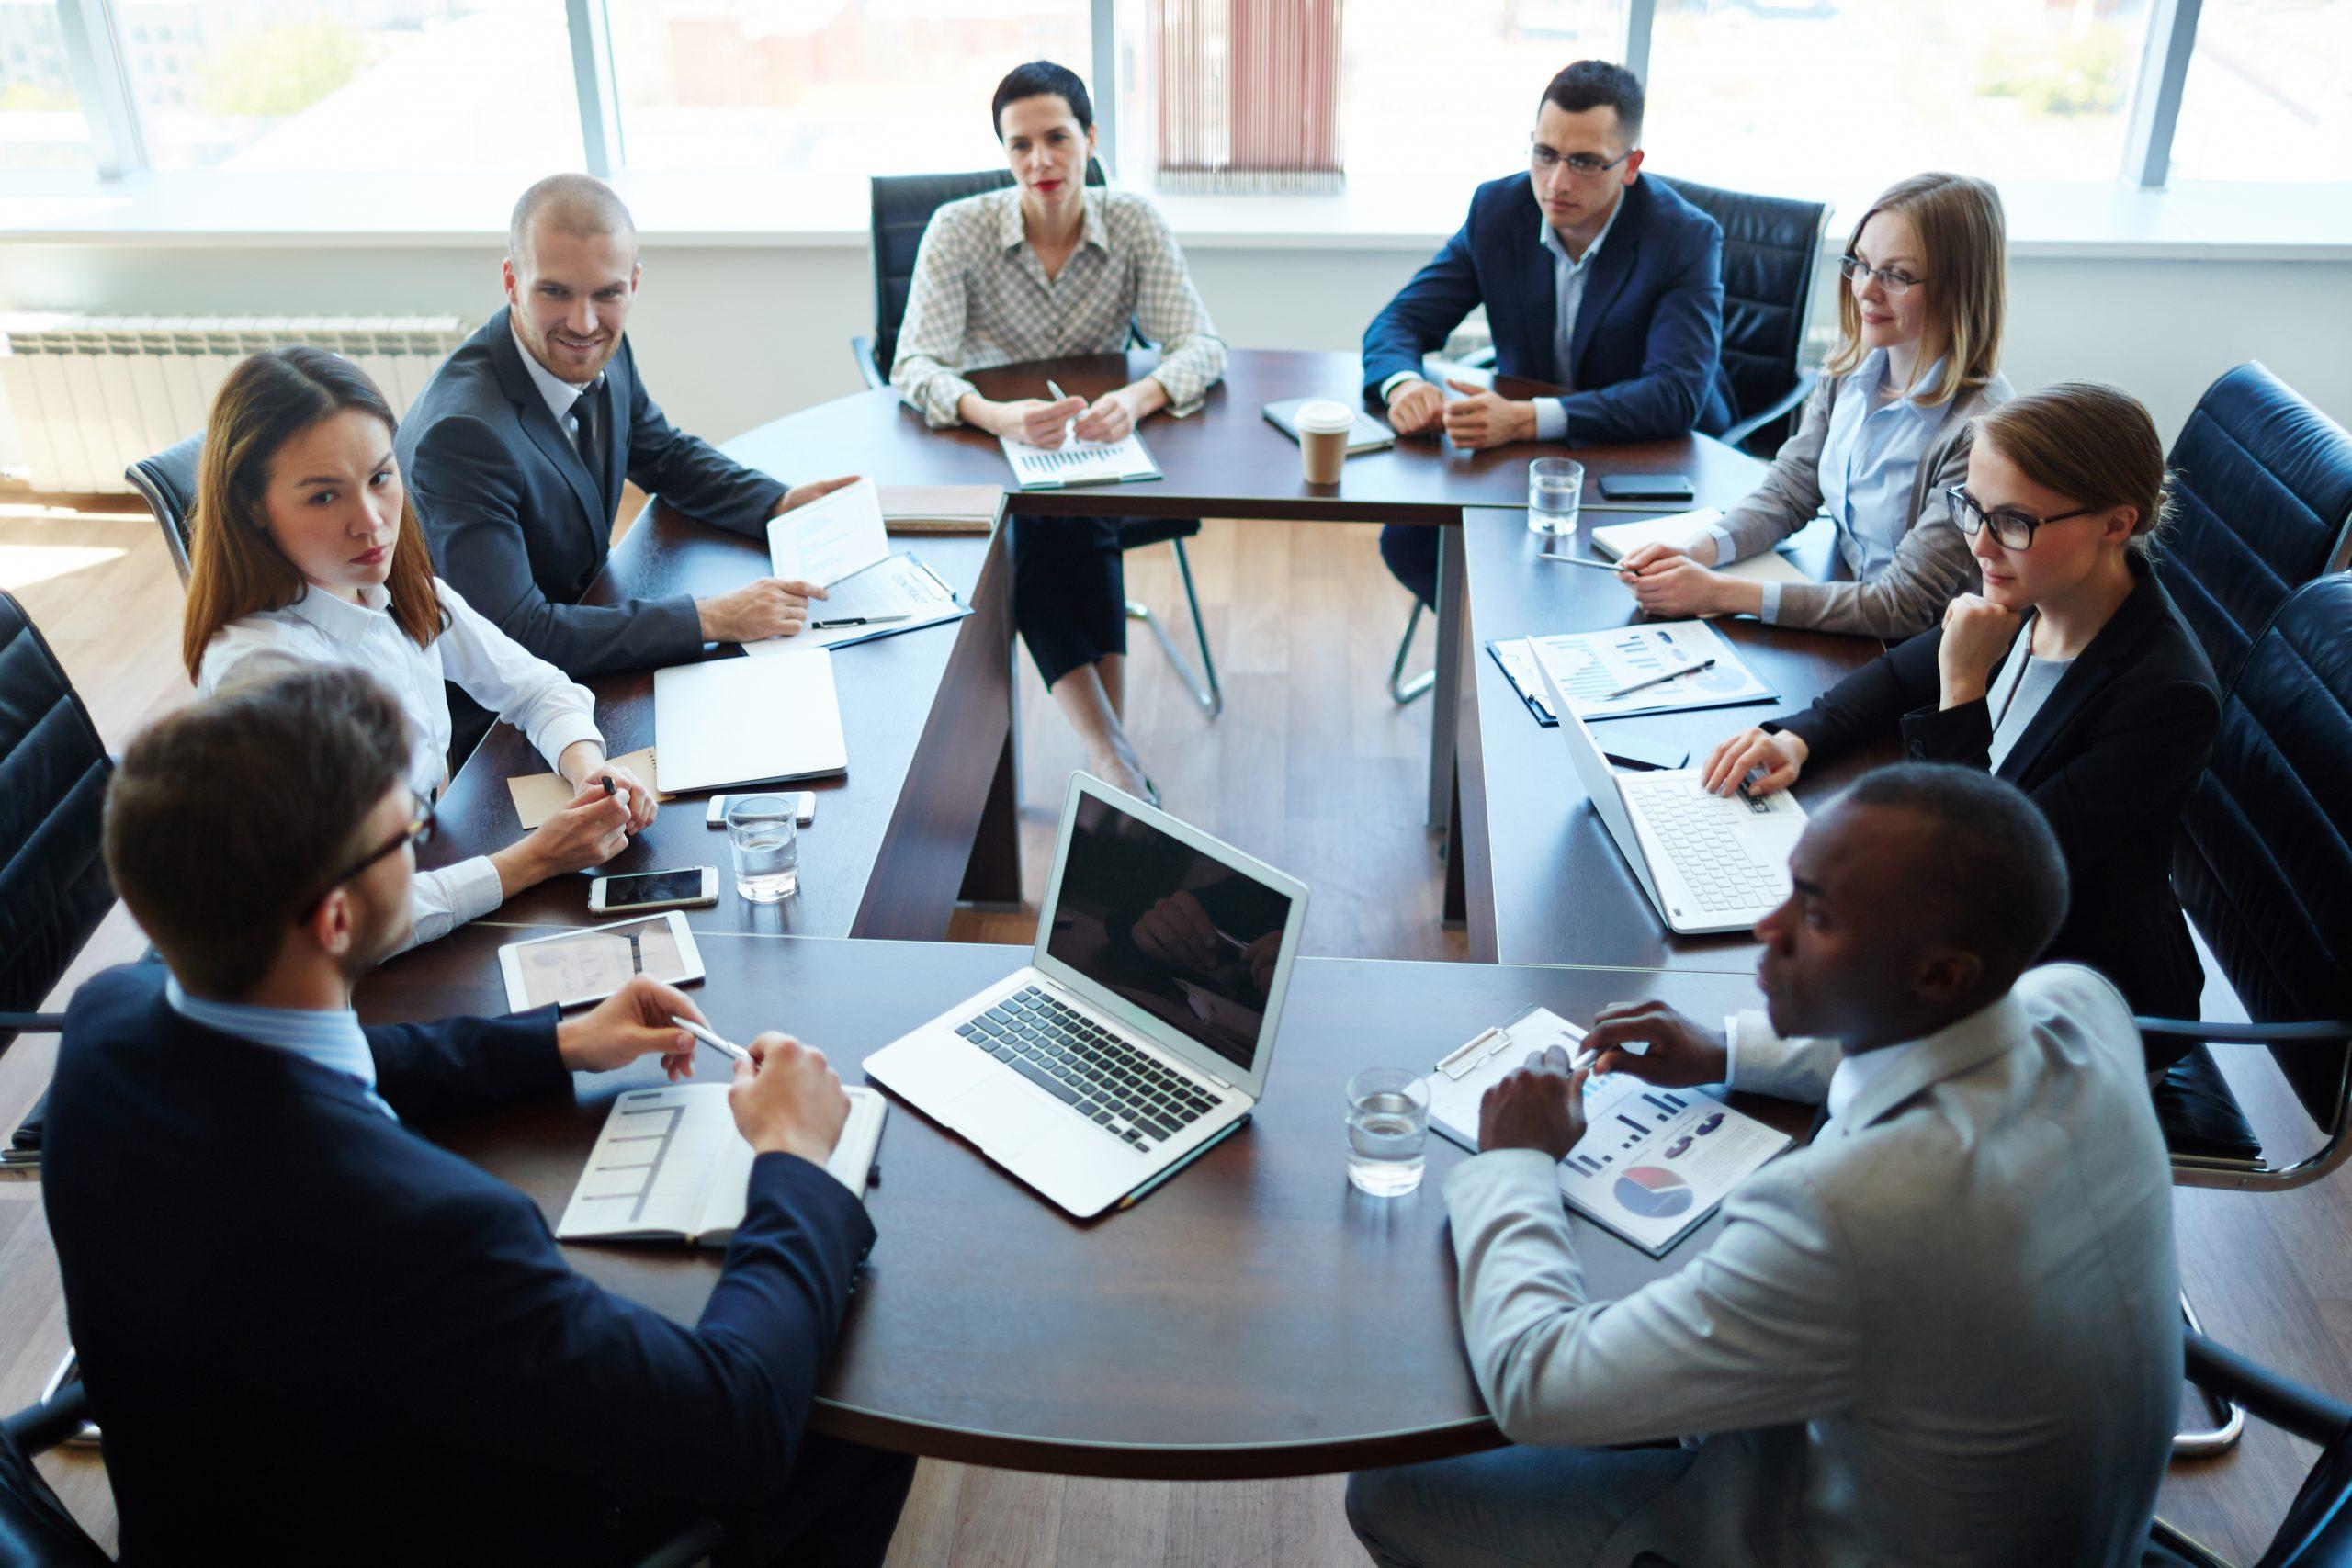 Assembleia geral digital de acionistas é alternativa prática